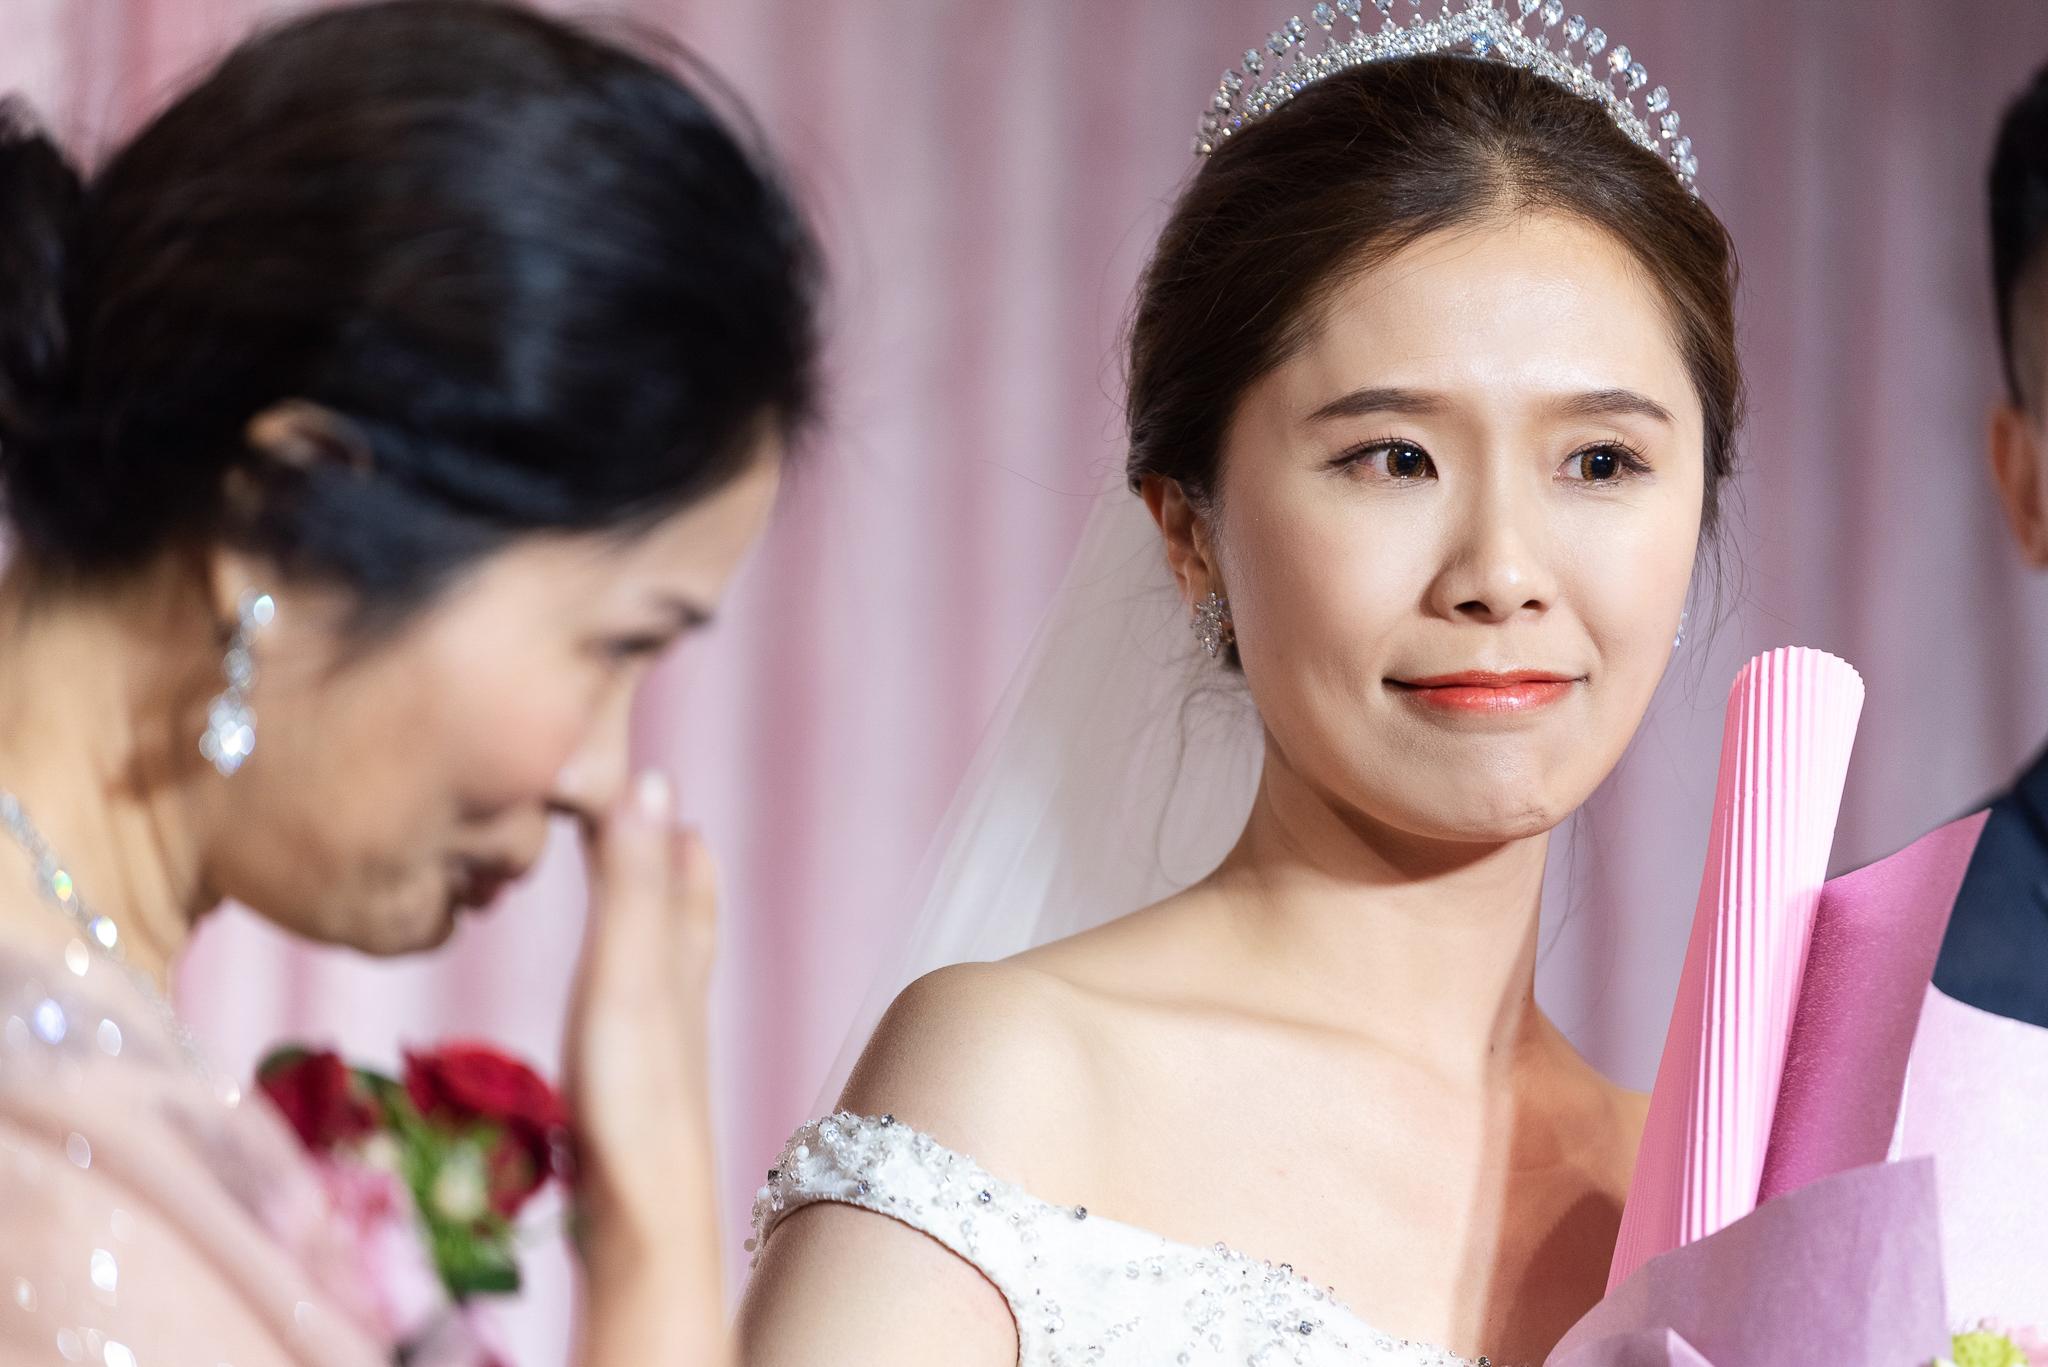 婚禮紀錄 婚攝小亮 推薦婚攝 六福萬怡 萬怡婚攝 台北婚攝